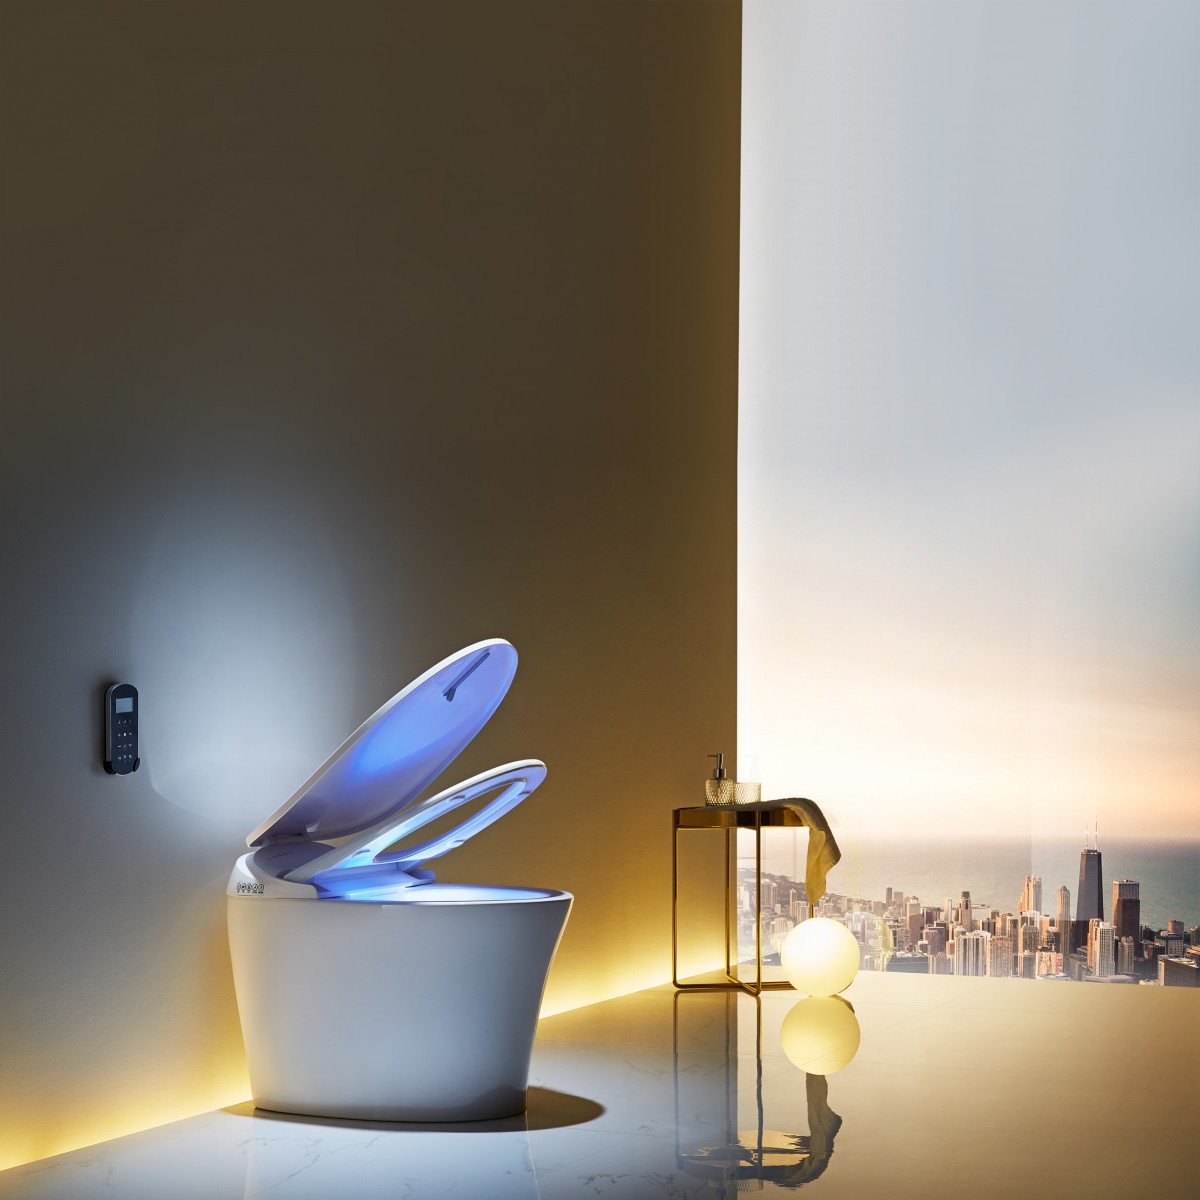 浪鲸卫浴一体式全自动智能马桶加热冲洗烘干家用座坐便器ICO523